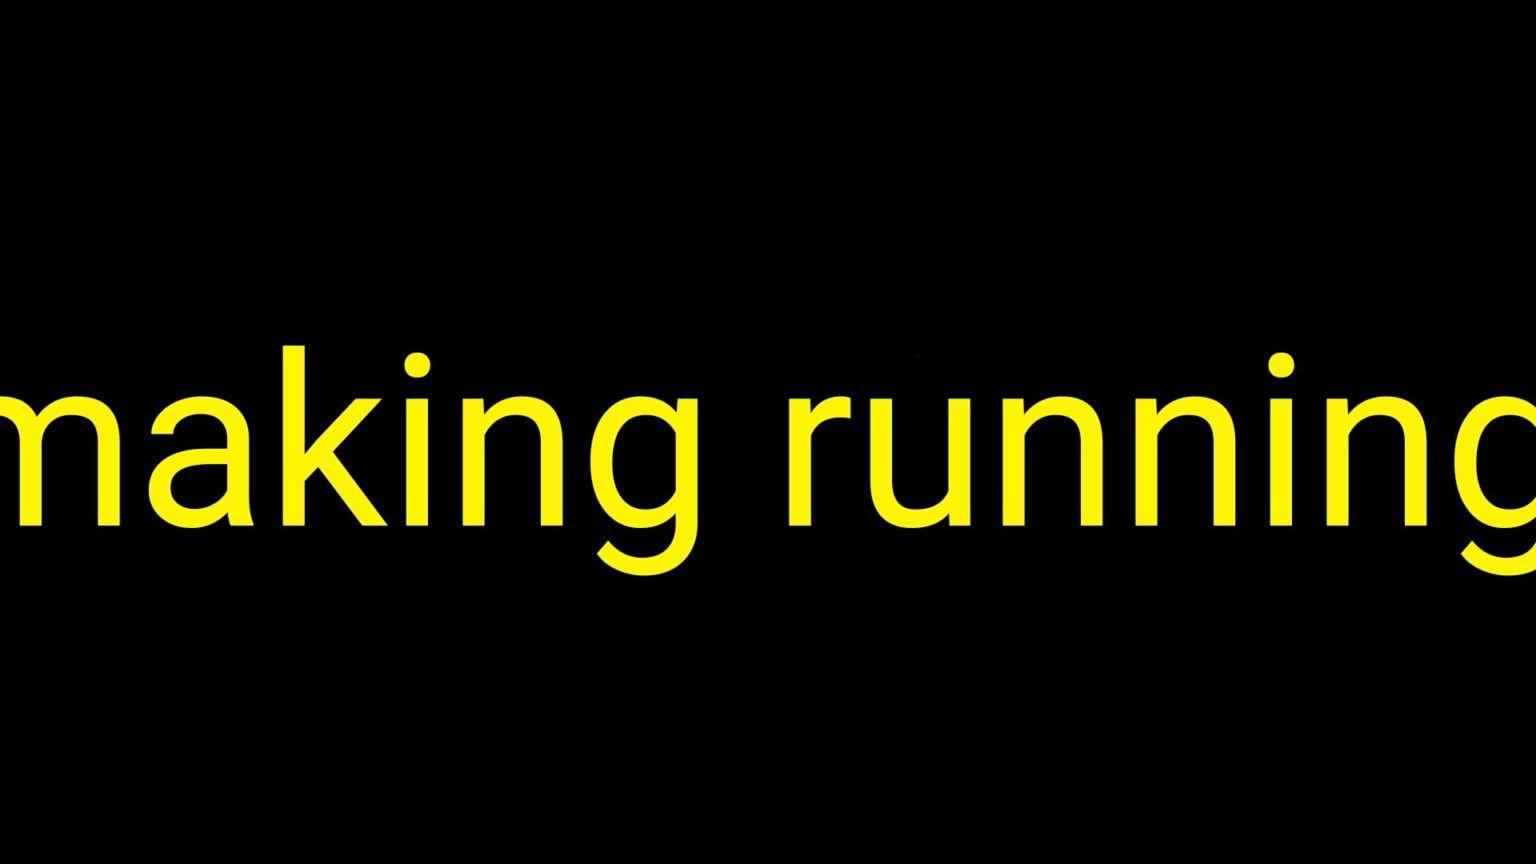 ভিডিও এডিট করে ভিডিওর নিচ দিয়ে এড করুন আপনার নিজের দেয়া লেখা। ভিডিও চলা কালীন সময়ে নিচ দিয়ে চলবে সেই লেখা।